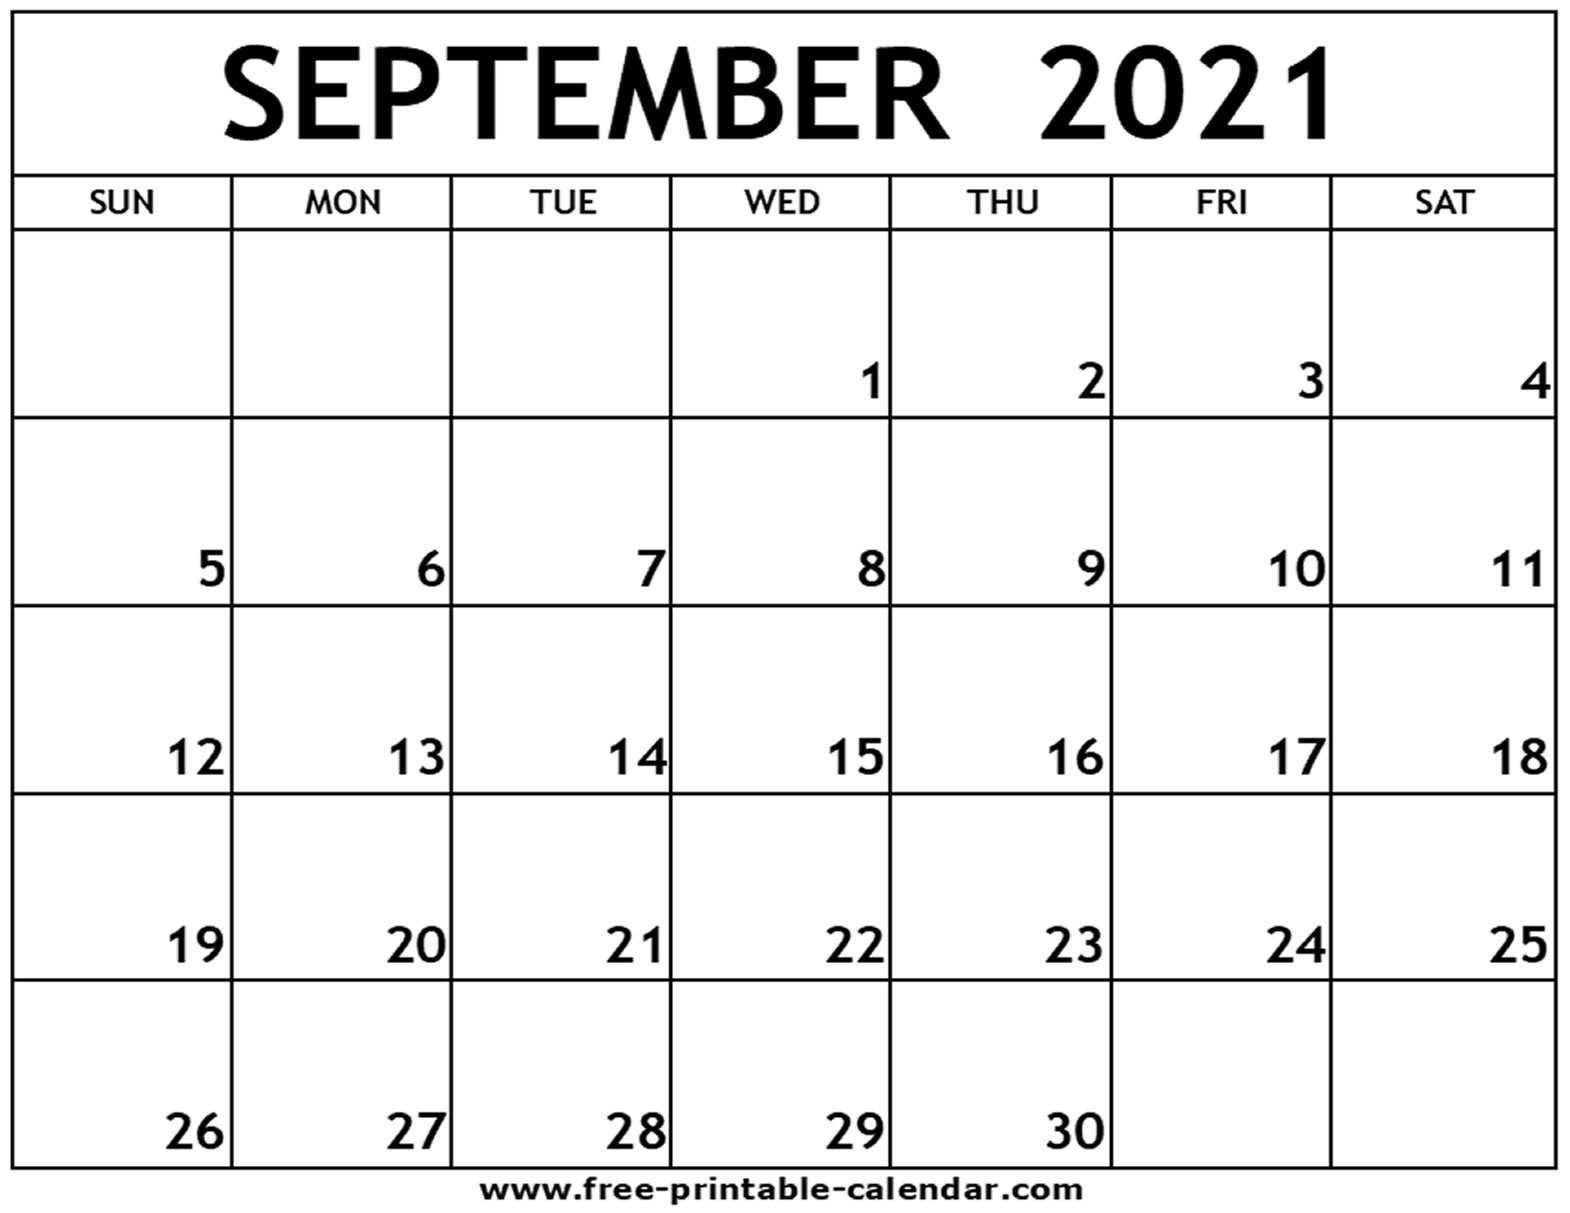 Get September 2021 Calendar Printable Images